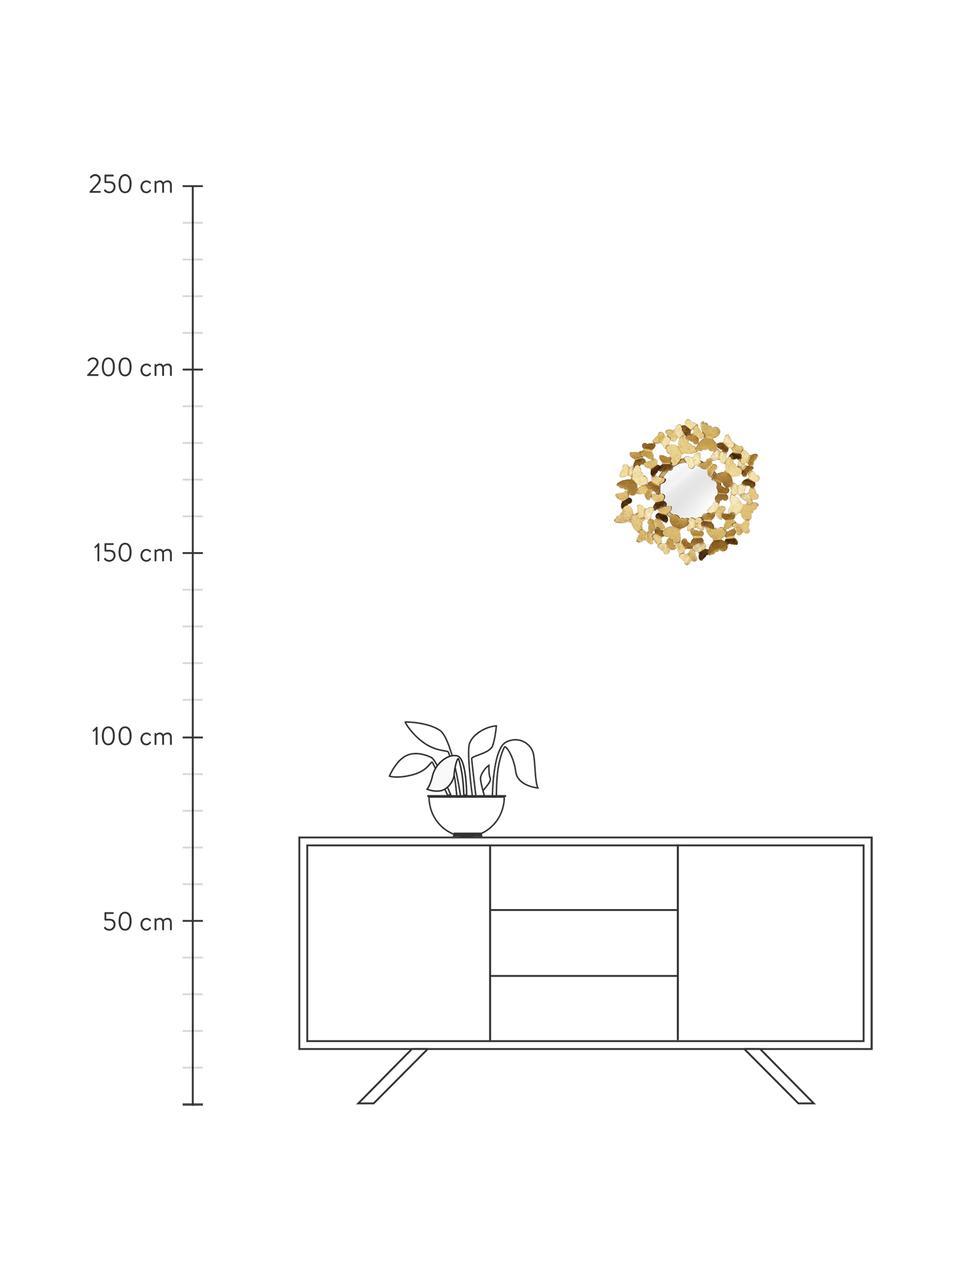 Runder Wandspiegel Butterfly mit goldenem Metallrahmen, Rahmen: Metall, beschichtet, Rückseite: Mitteldichte Holzfaserpla, Spiegelfläche: Spiegelglas, Goldfarben, Ø 92 x T 4 cm